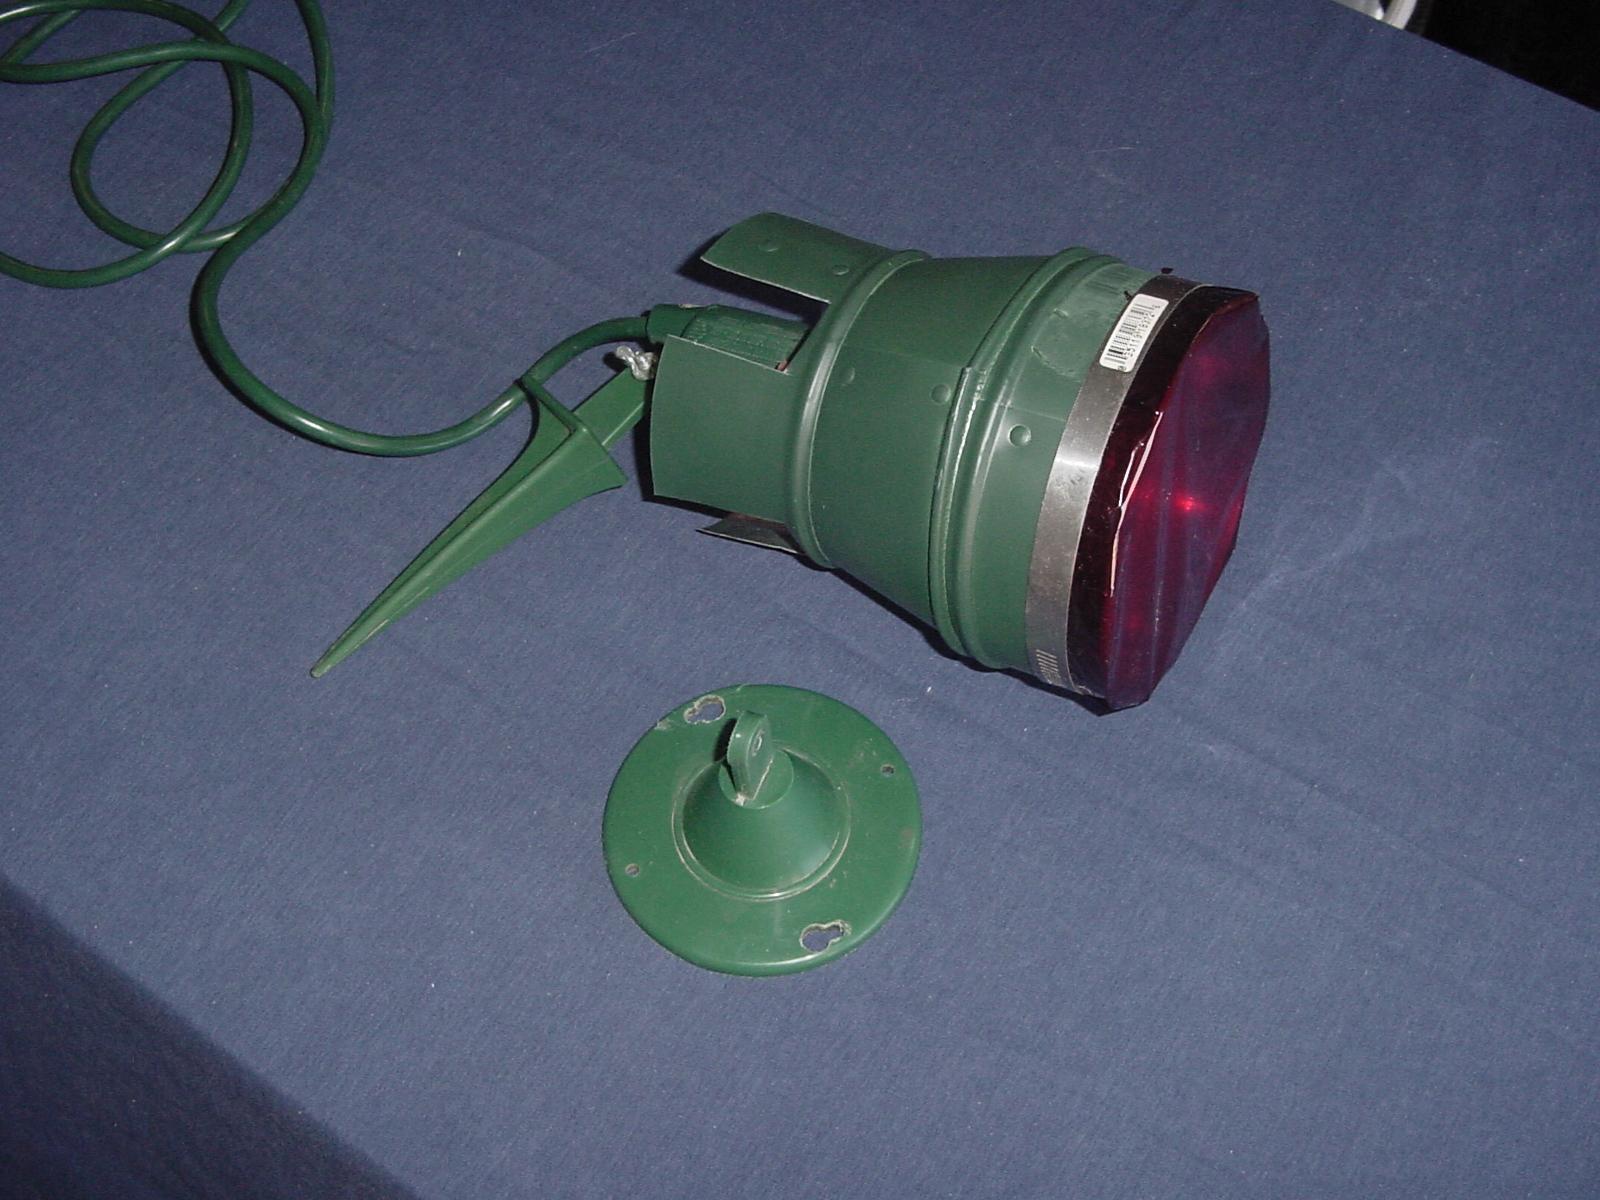 Outdoor PAR Flood Light Cans